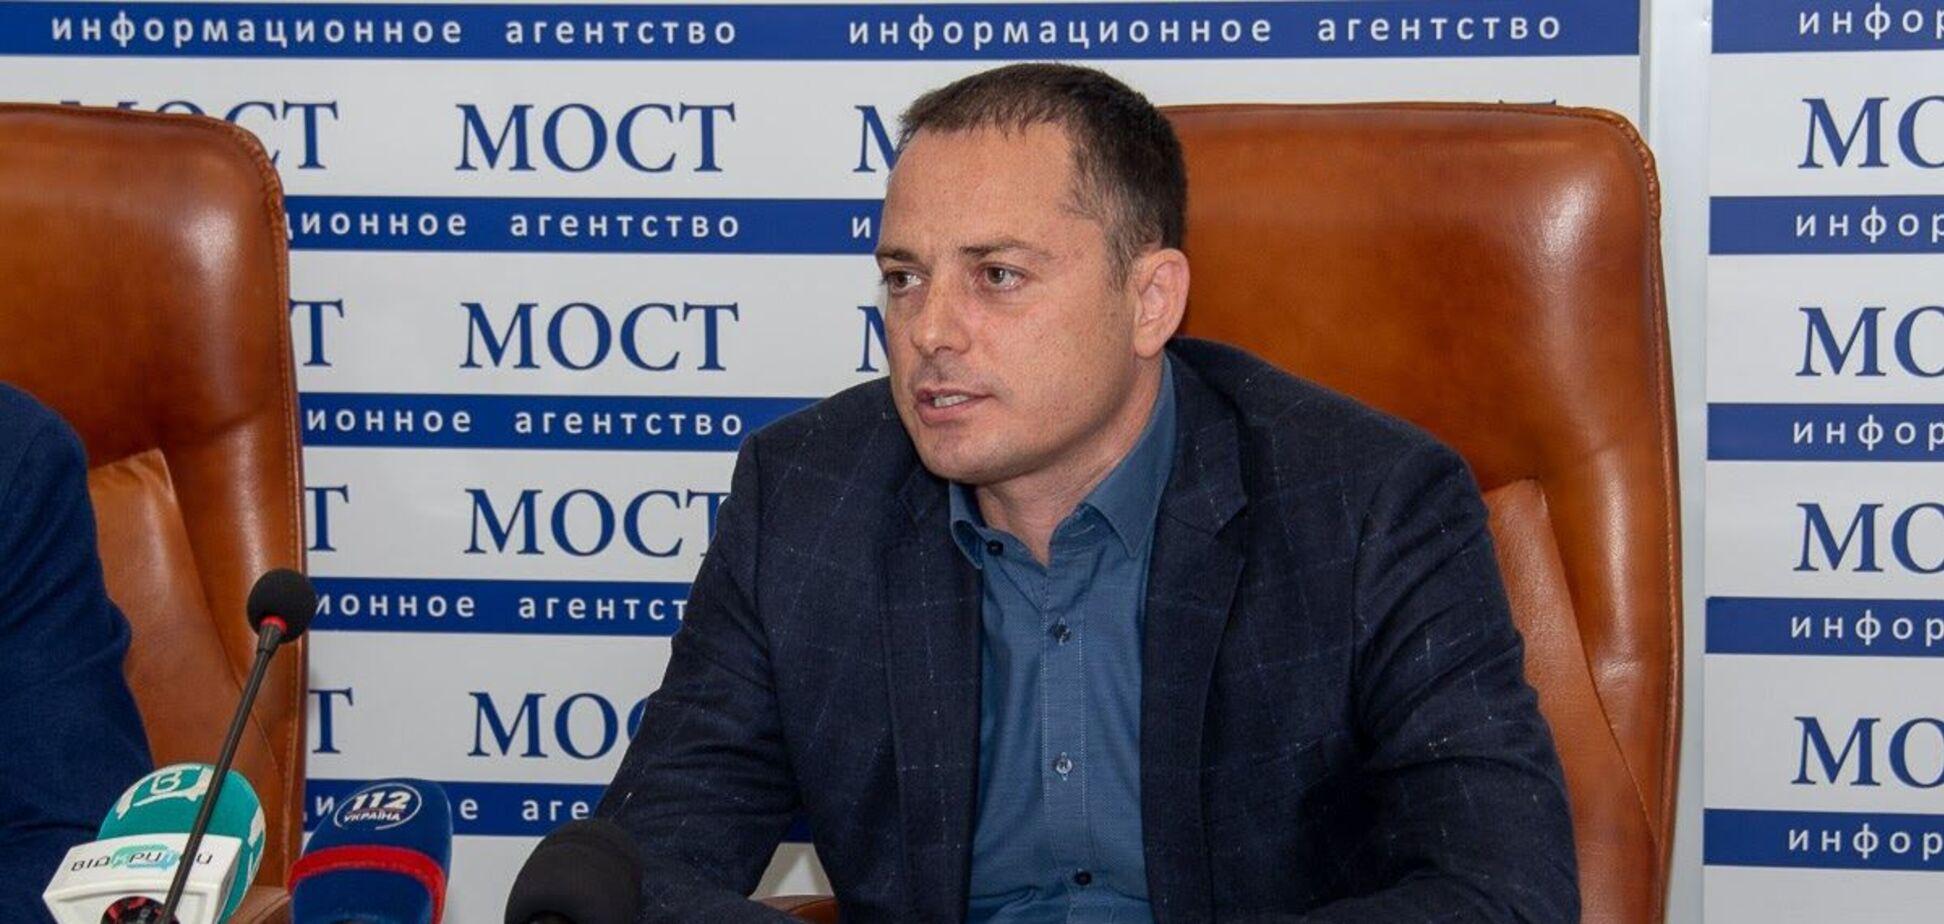 Андрей Белоусов заполучил в личное пользование все коммунальные объекты и службы ЖКХ Каменского